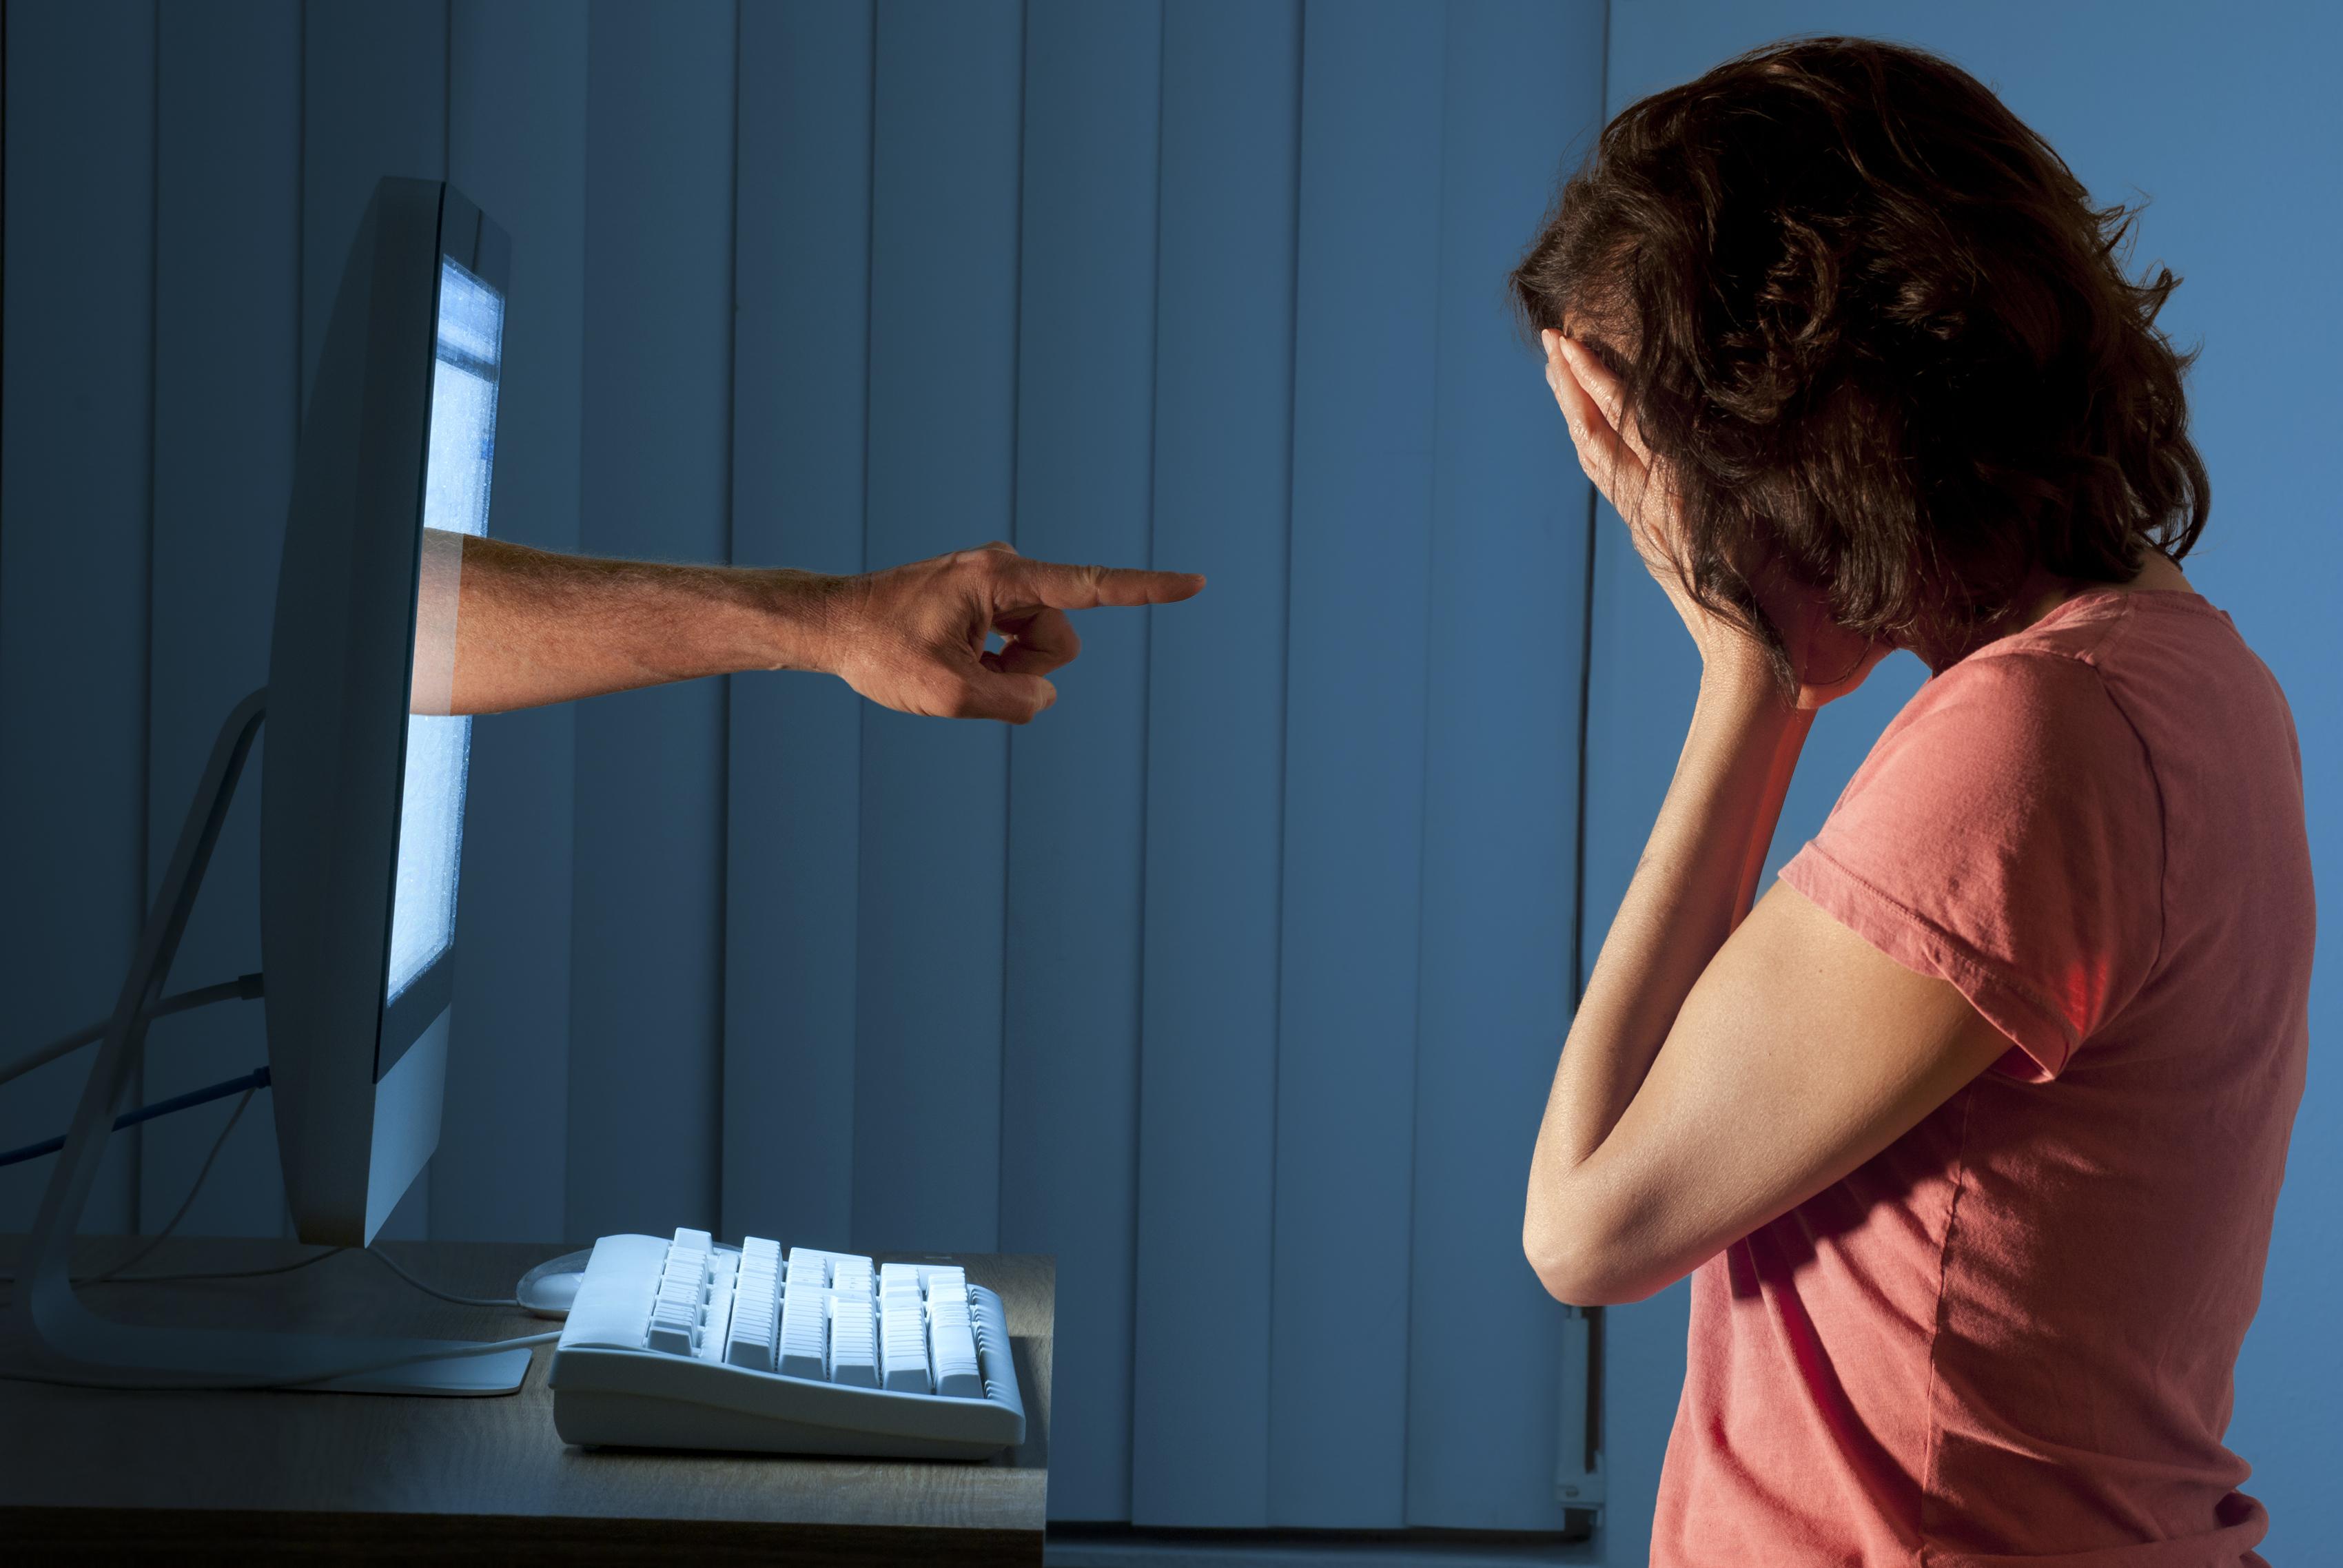 Tecnología cántabra contra el bullying